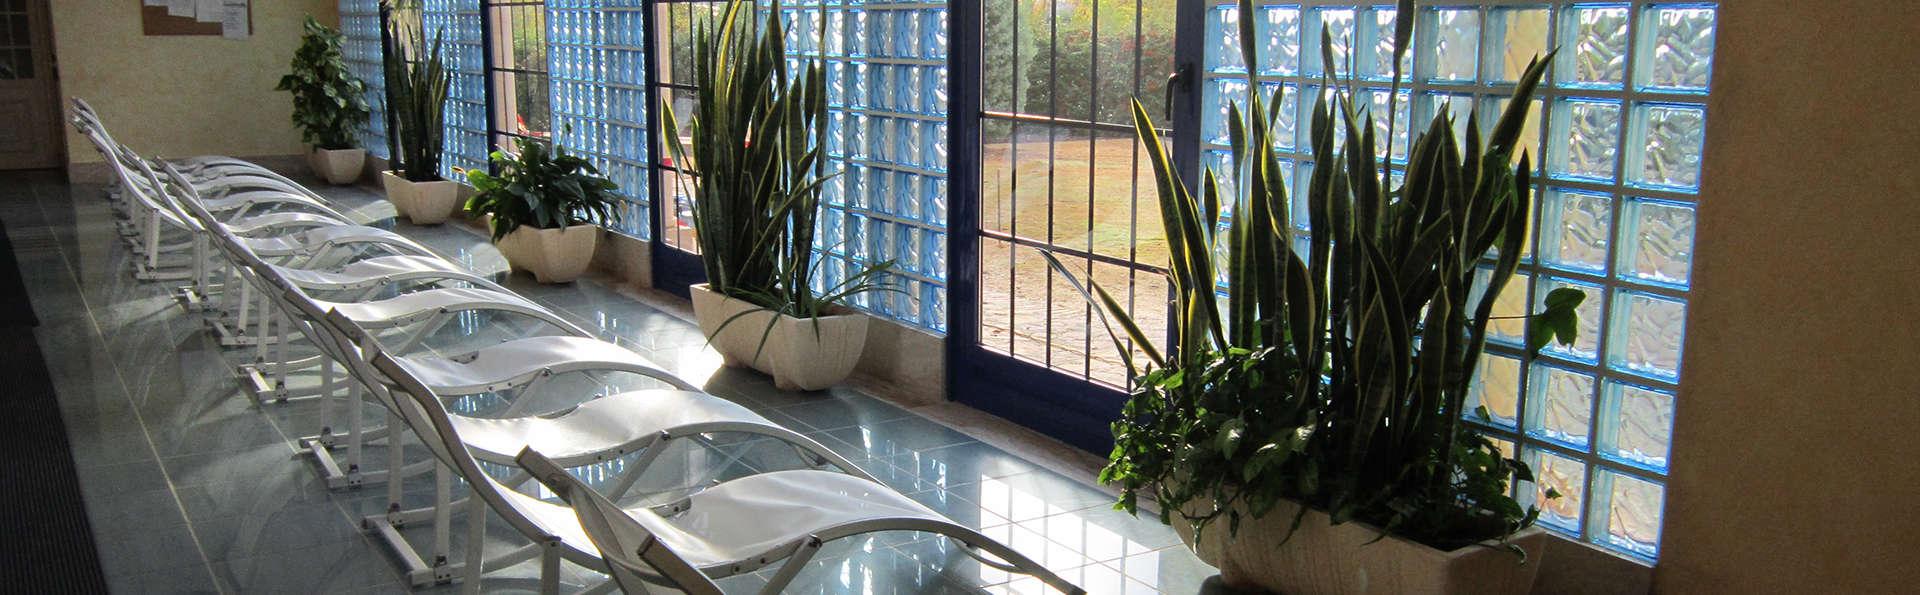 Hotel Balneario Cervantes - edit_SALA_DESCANSO_1.jpg